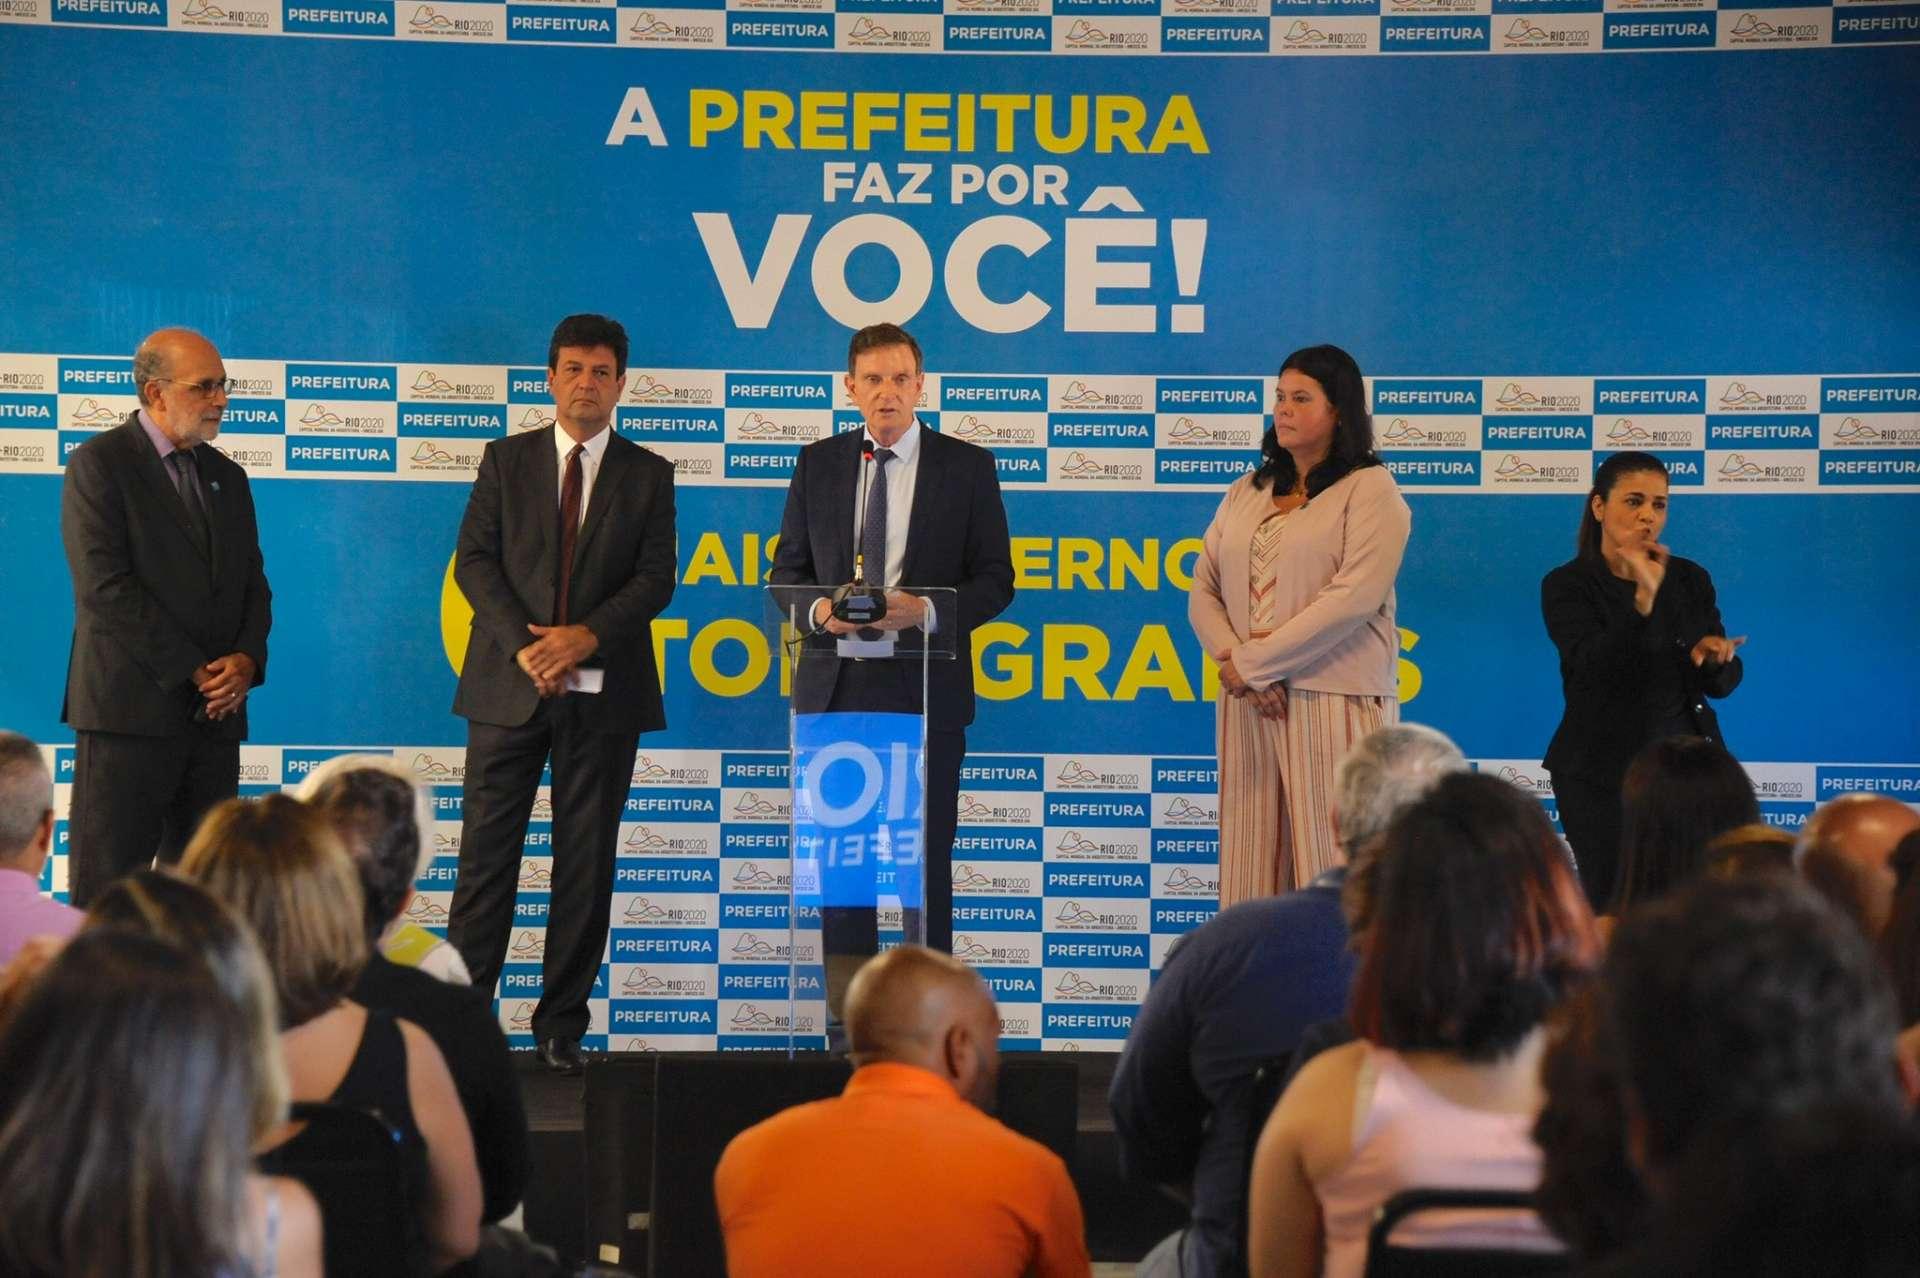 O prefeito Marcelo Crivella entre o ministra da Saúde, Luiz Henrique Mandetta, e a secretária municipal da pasta, Beatriz Busch. Foto: Marco Antônio Rezende / Prefeitura do Rio